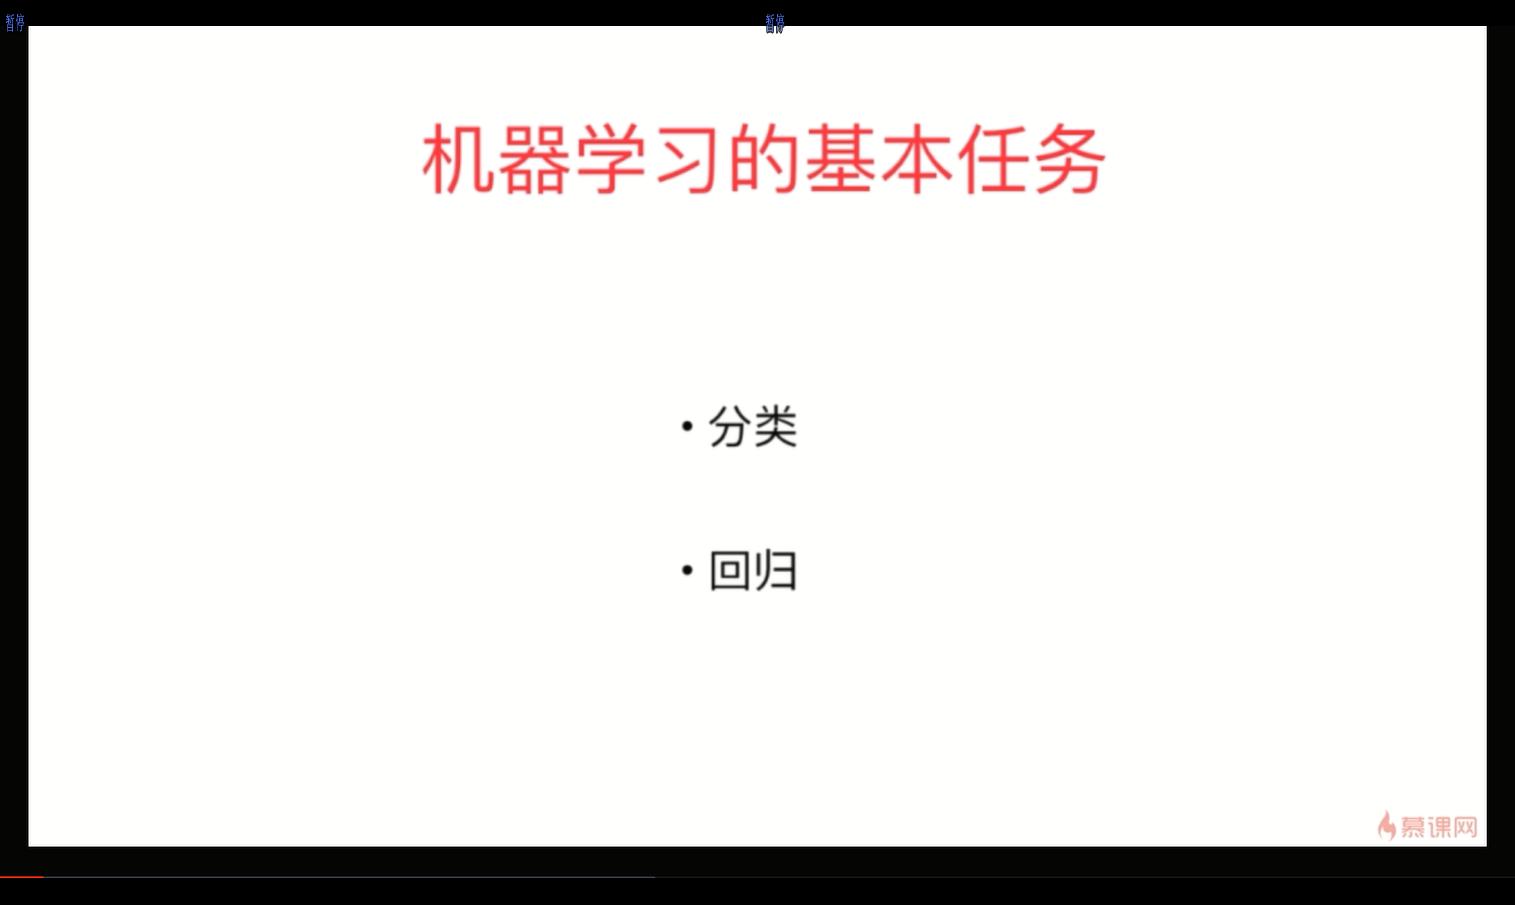 image-20200804005926020